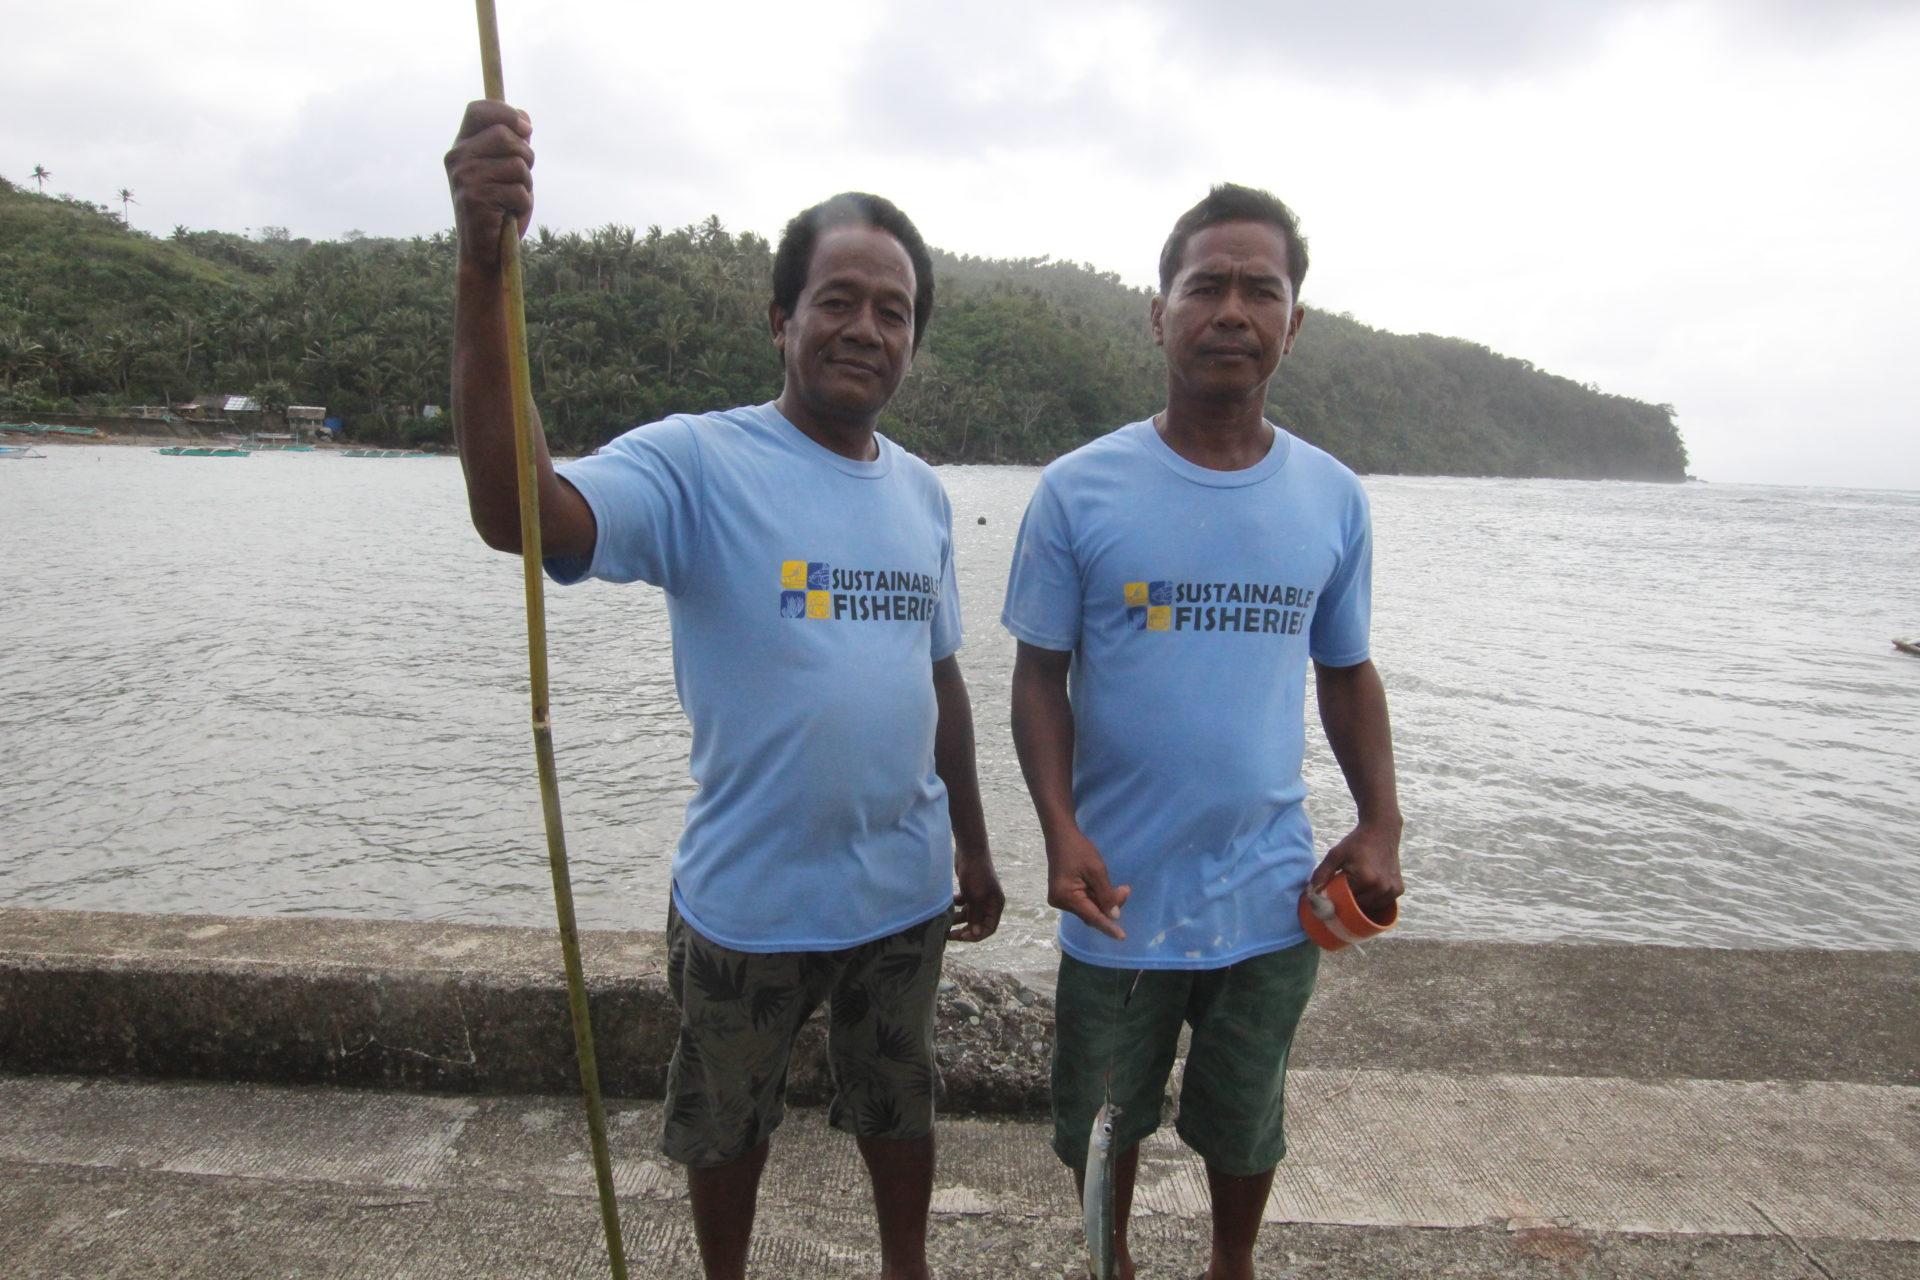 Arnel und Arvin - zwei philippinische Fischer